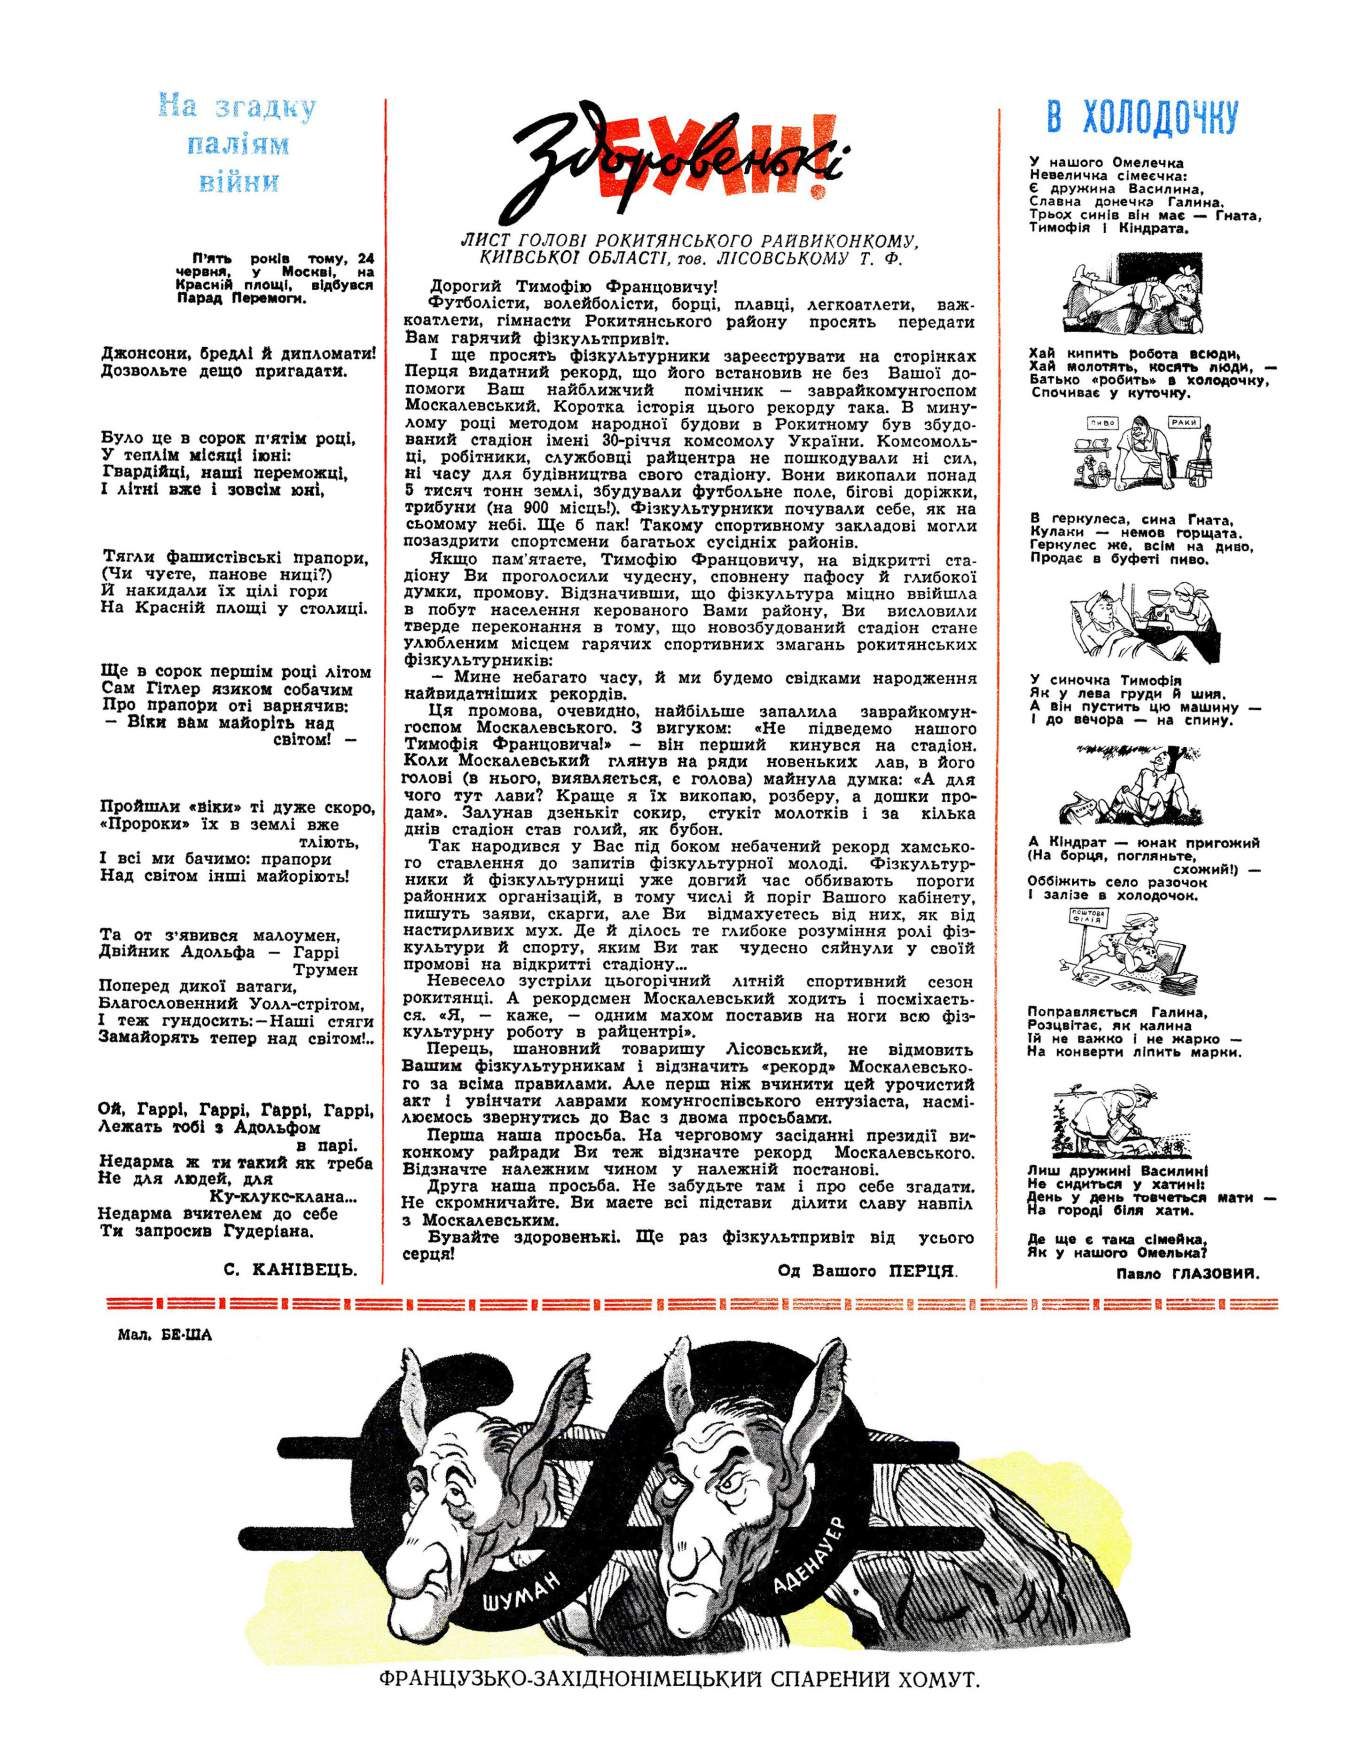 Журнал перець 1950 №12